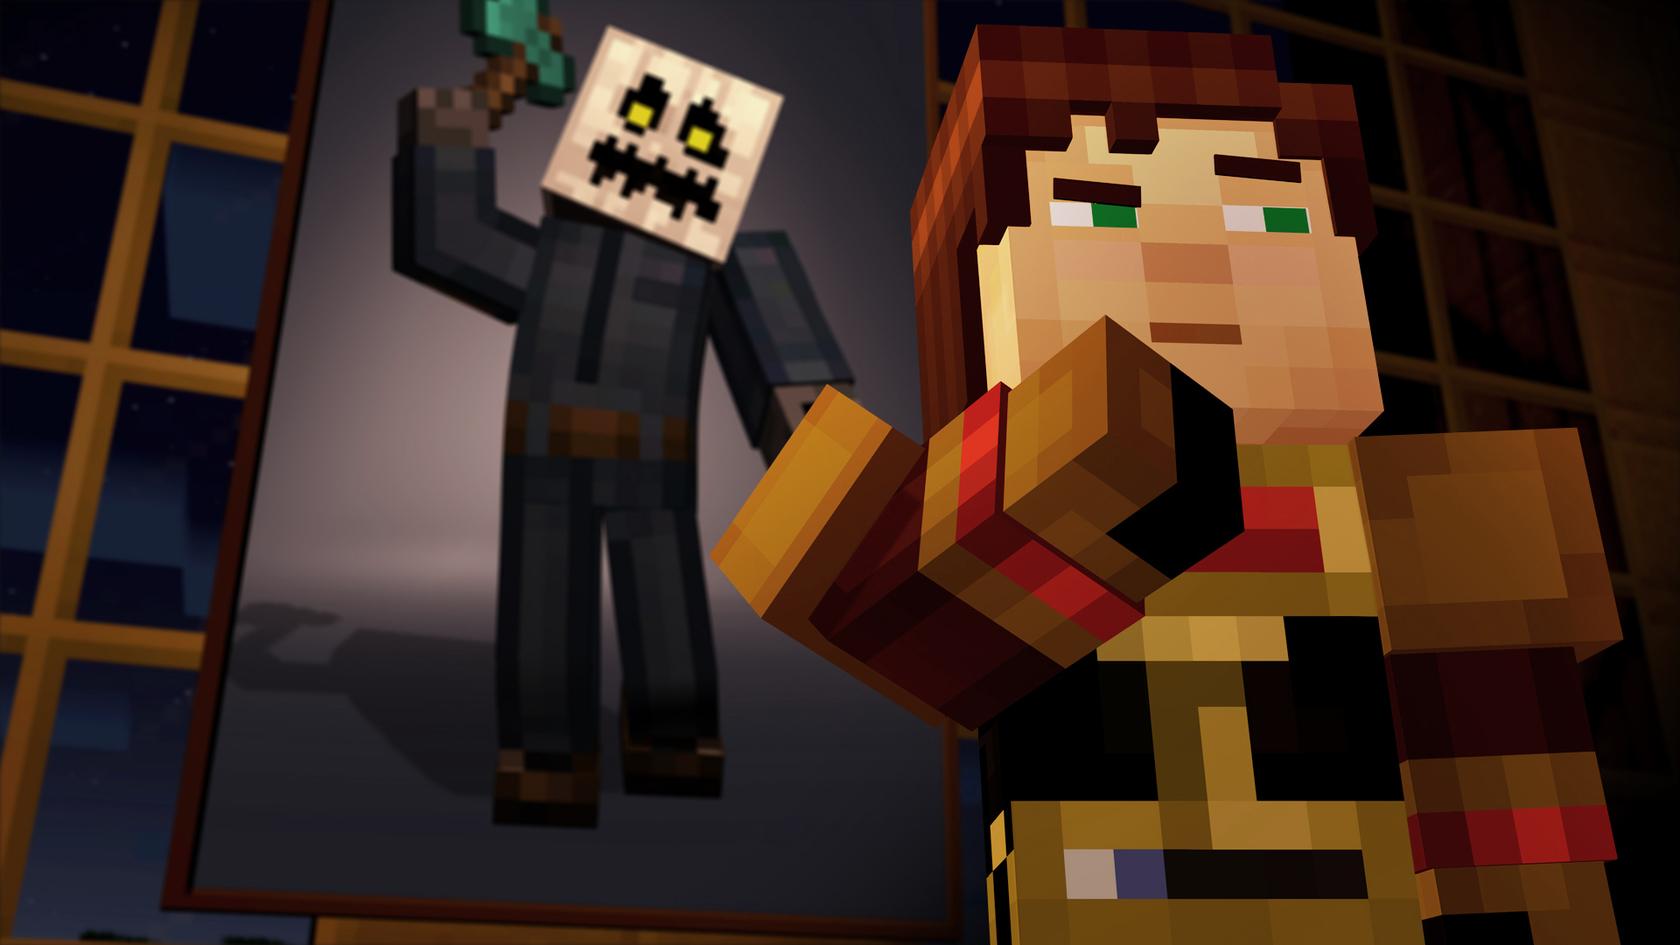 Minecraft story mode 1 8 эпизод скачать на русском.